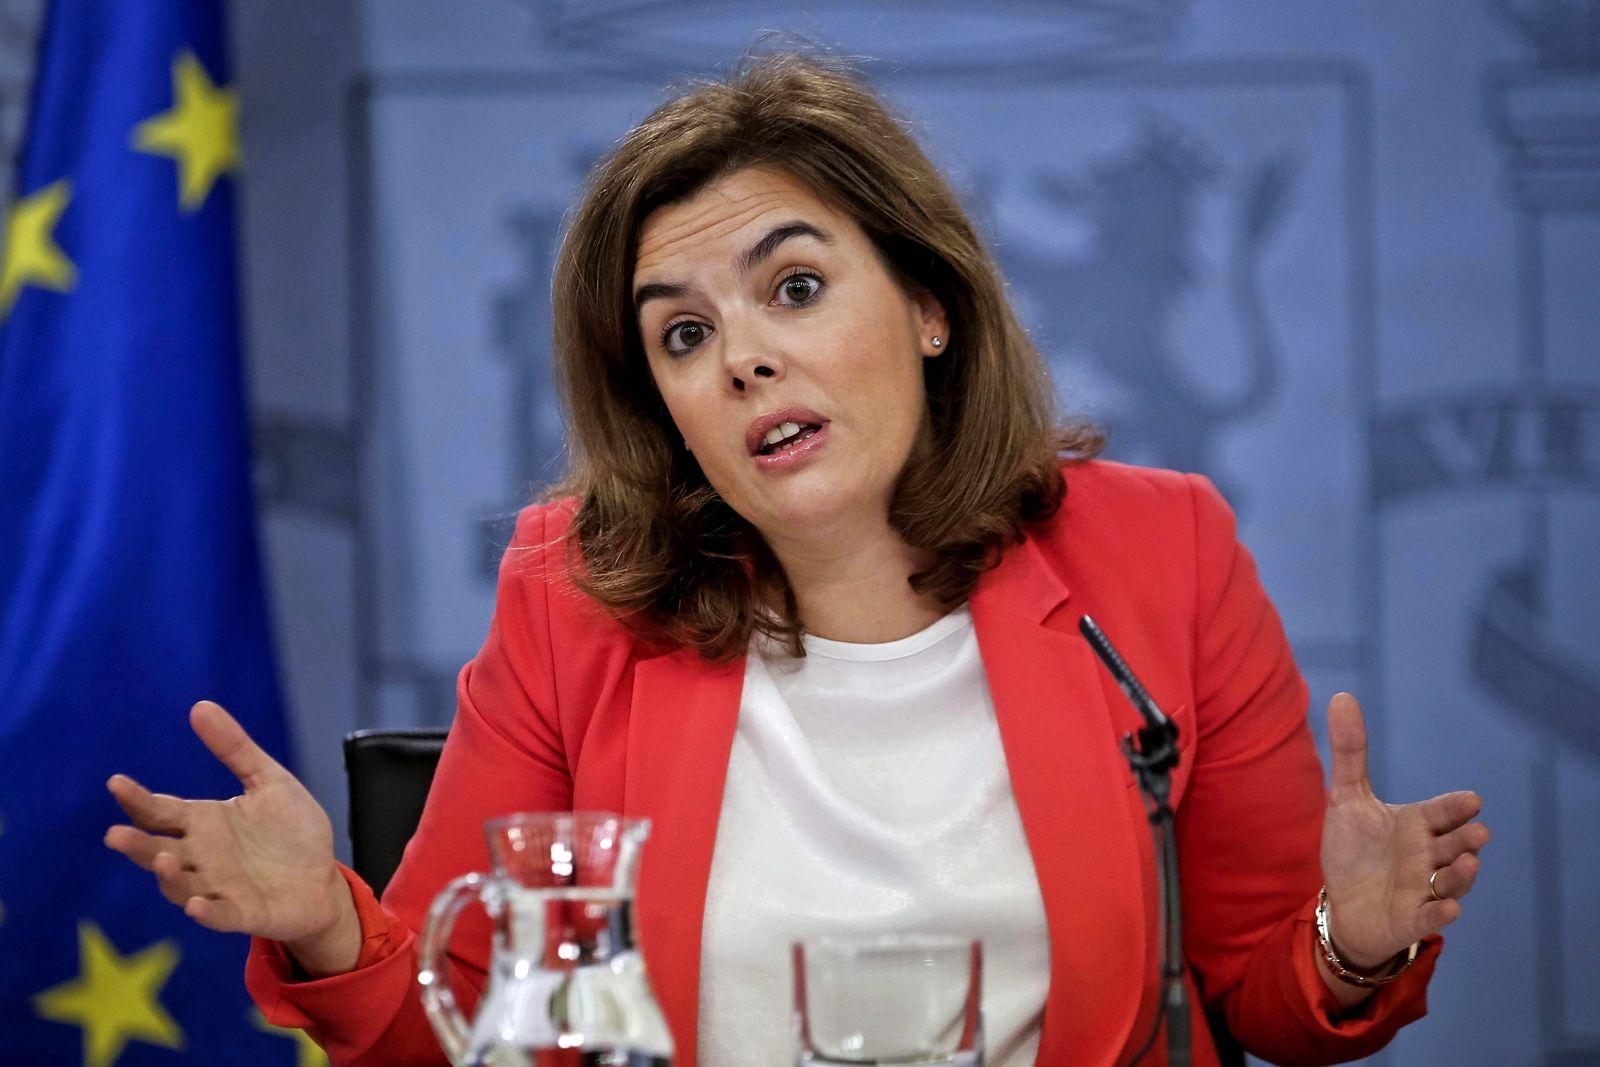 Cabinet meeting presser in Spain